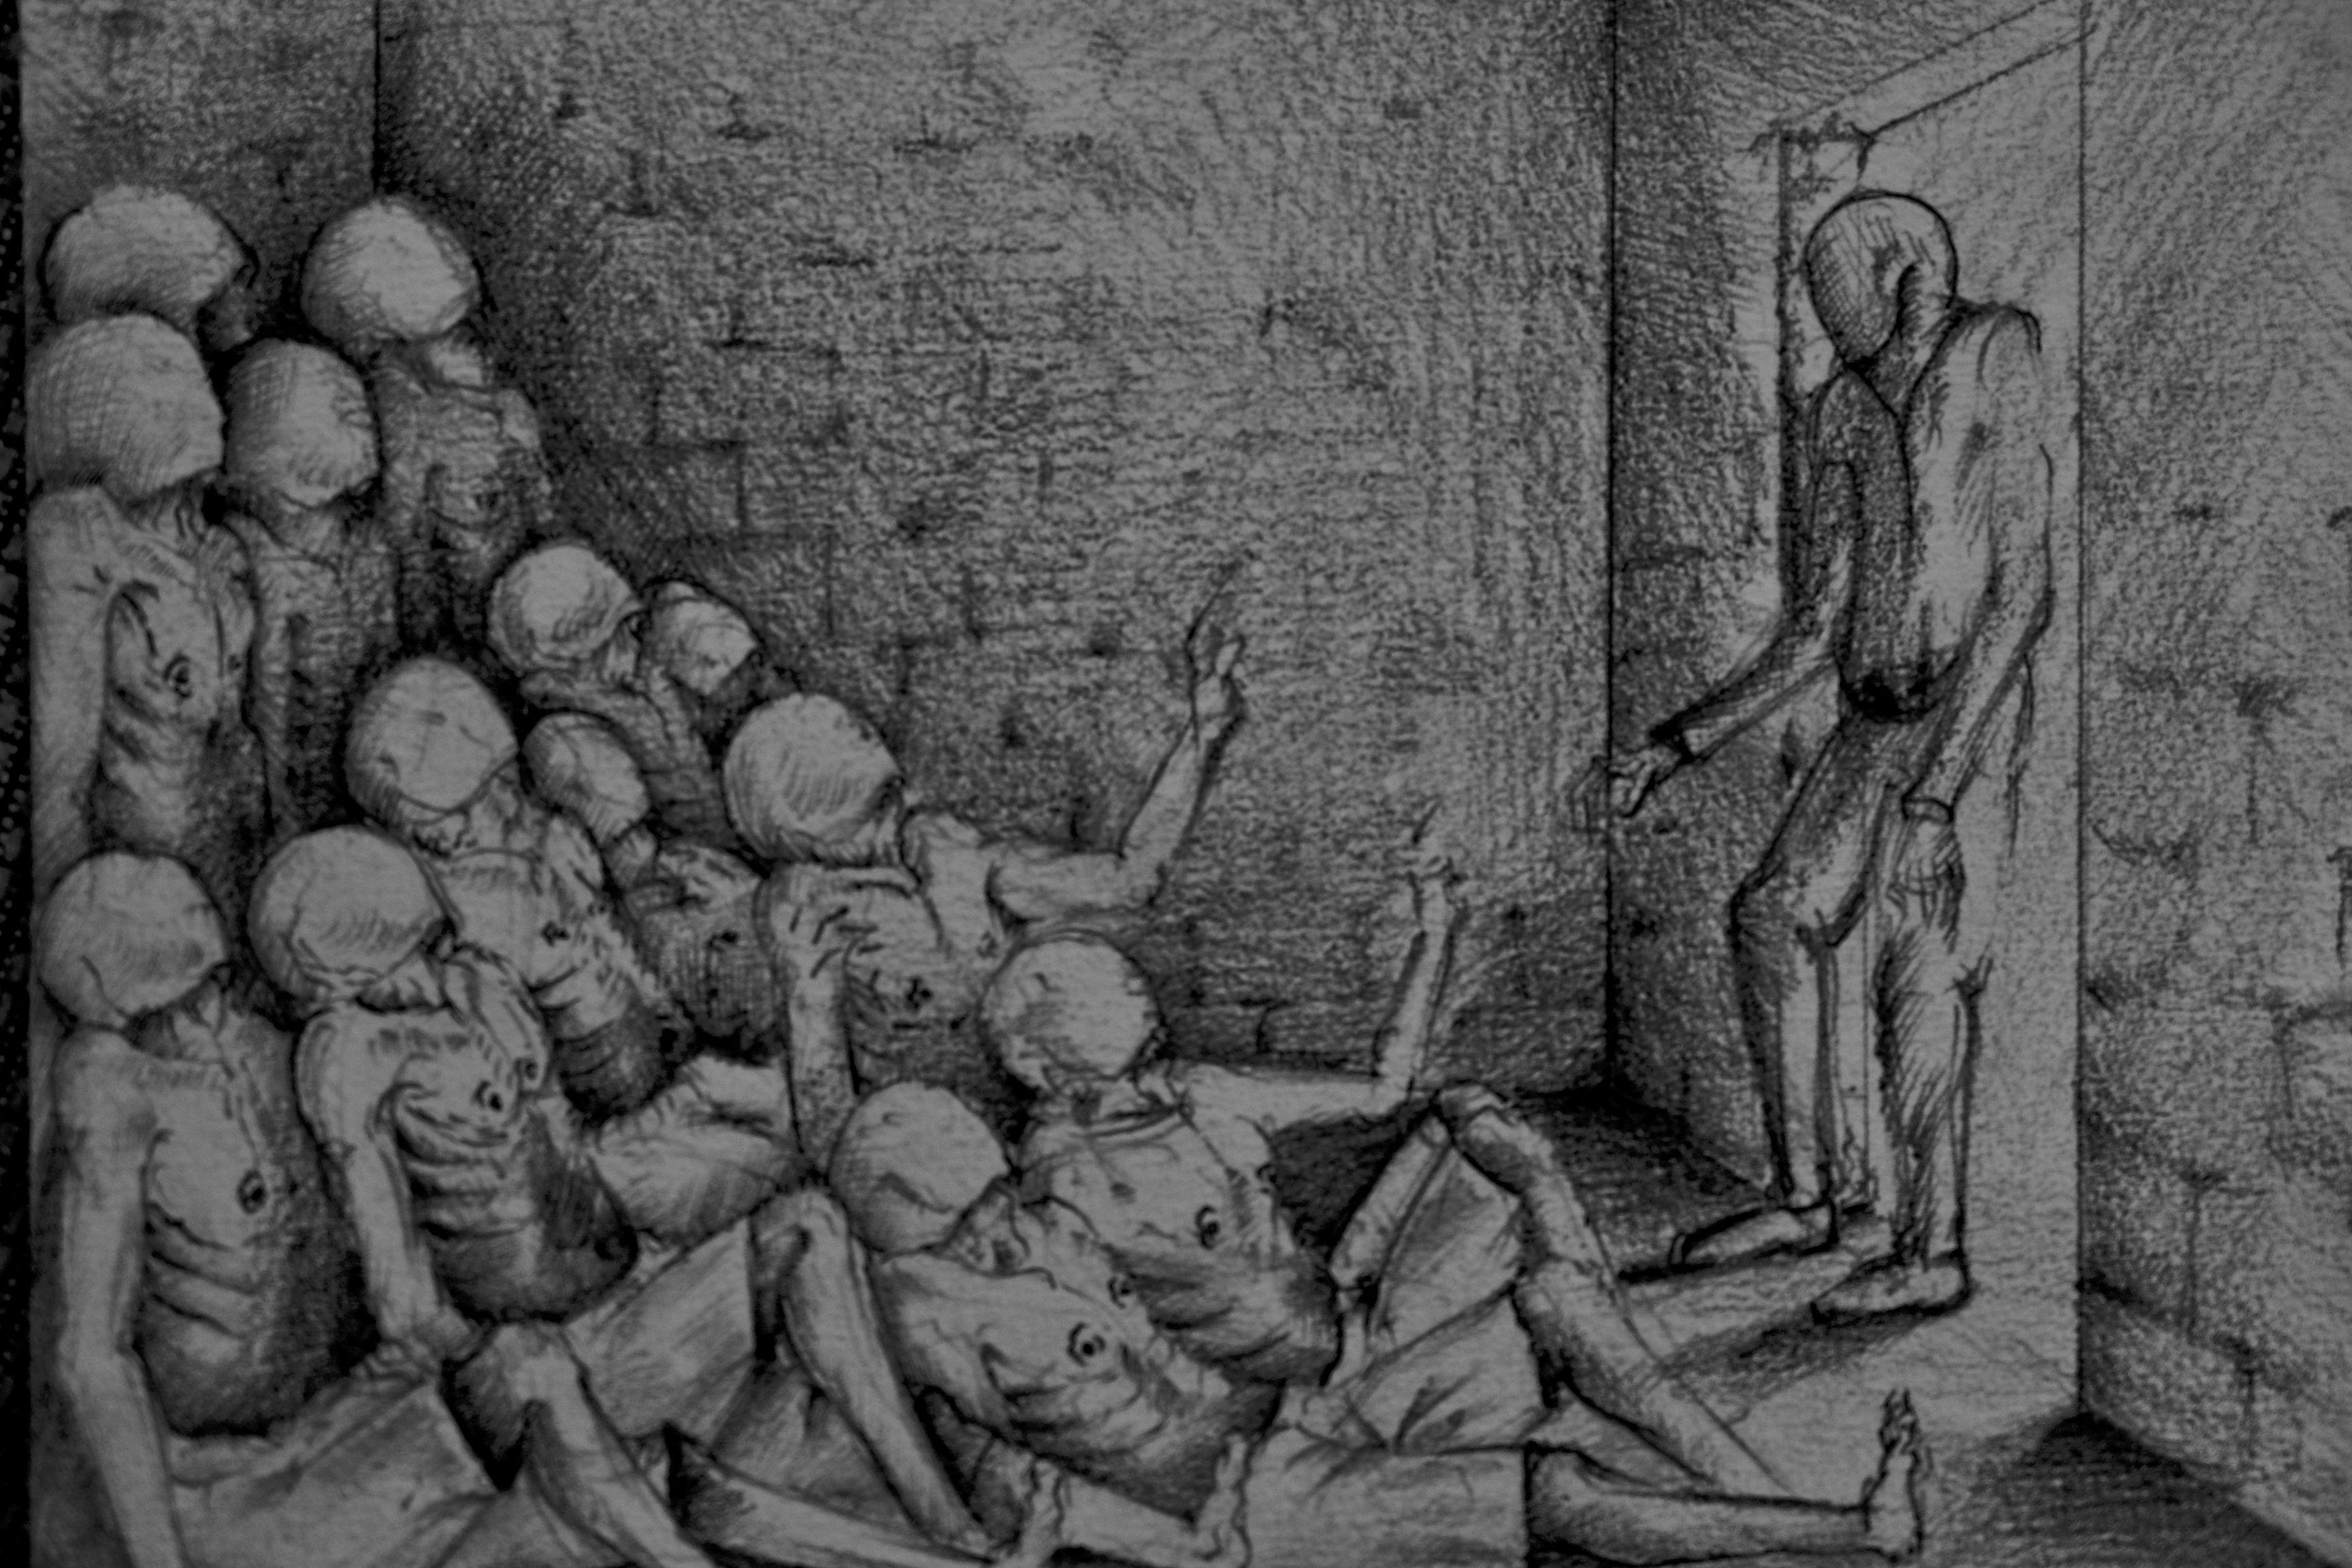 صورة فظائع الأسد مستمرة بحق معتقلي سجن صيدنايا دون أي رادع